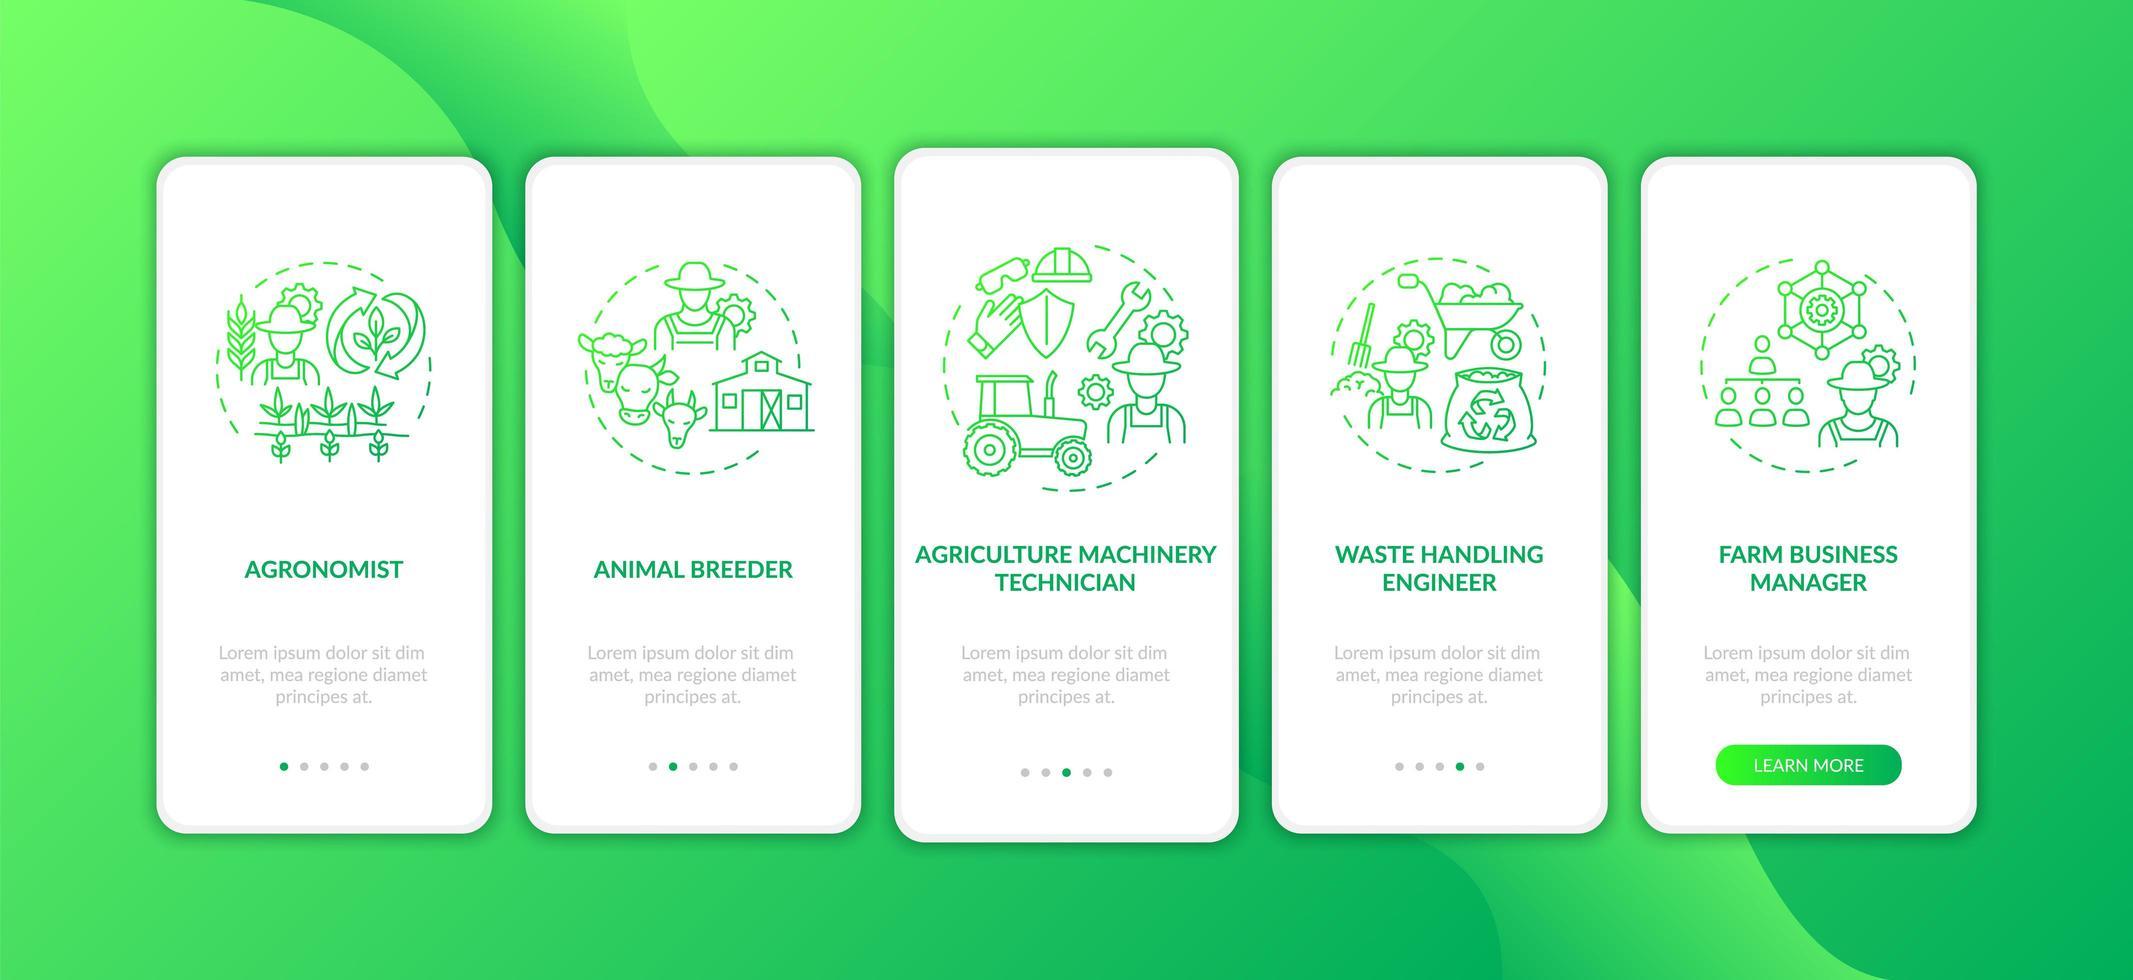 le migliori carriere agricole per l'inserimento nella schermata della pagina dell'app mobile con concetti vettore